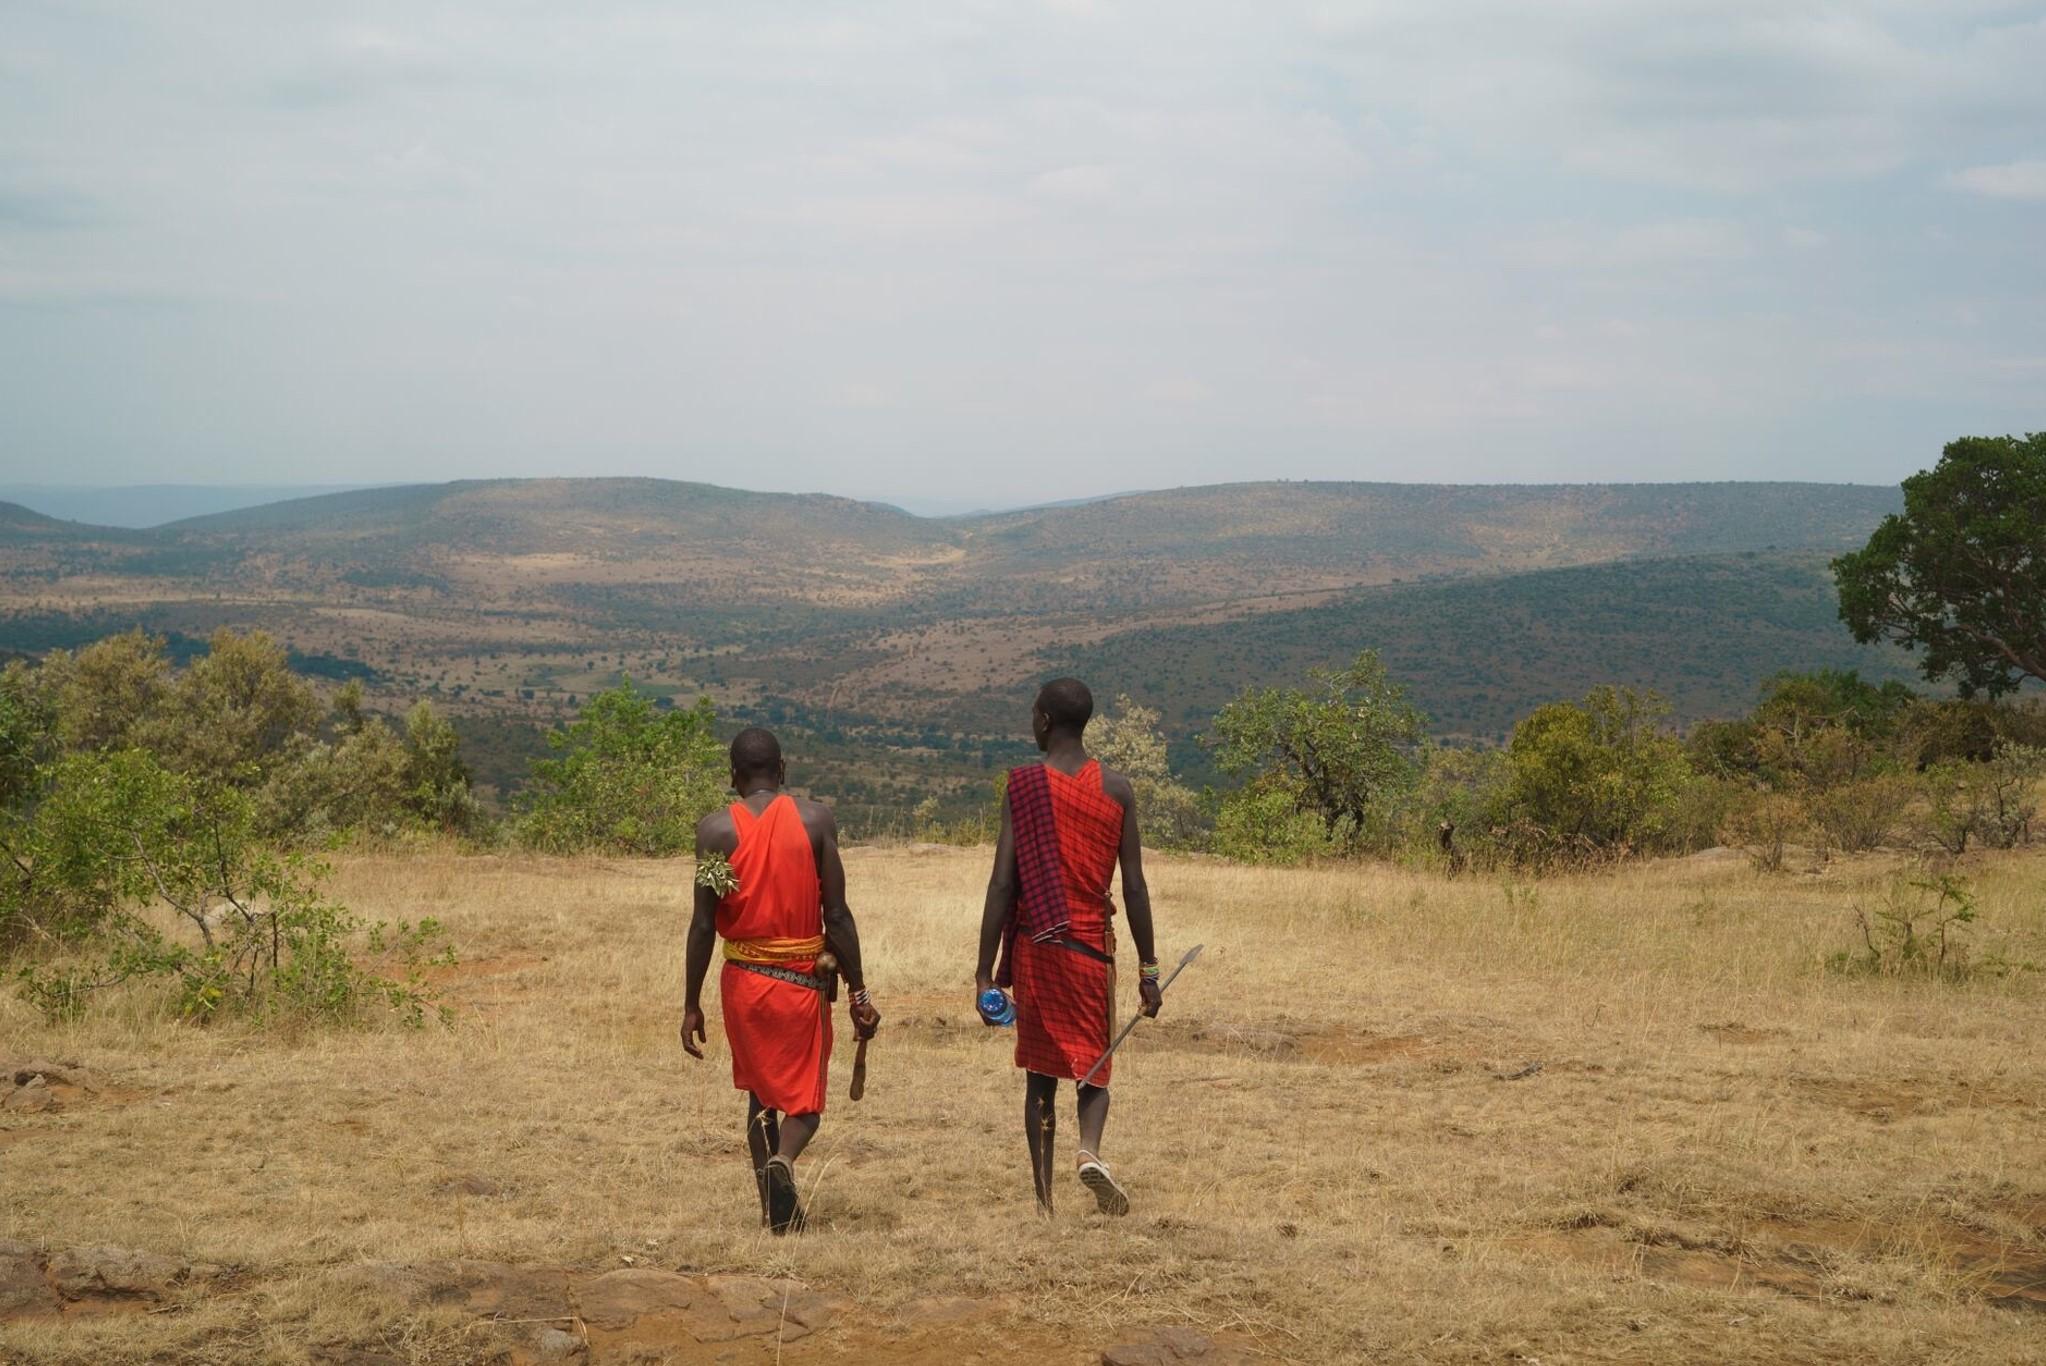 The First Maasai Conservancy in the Maasai Mara